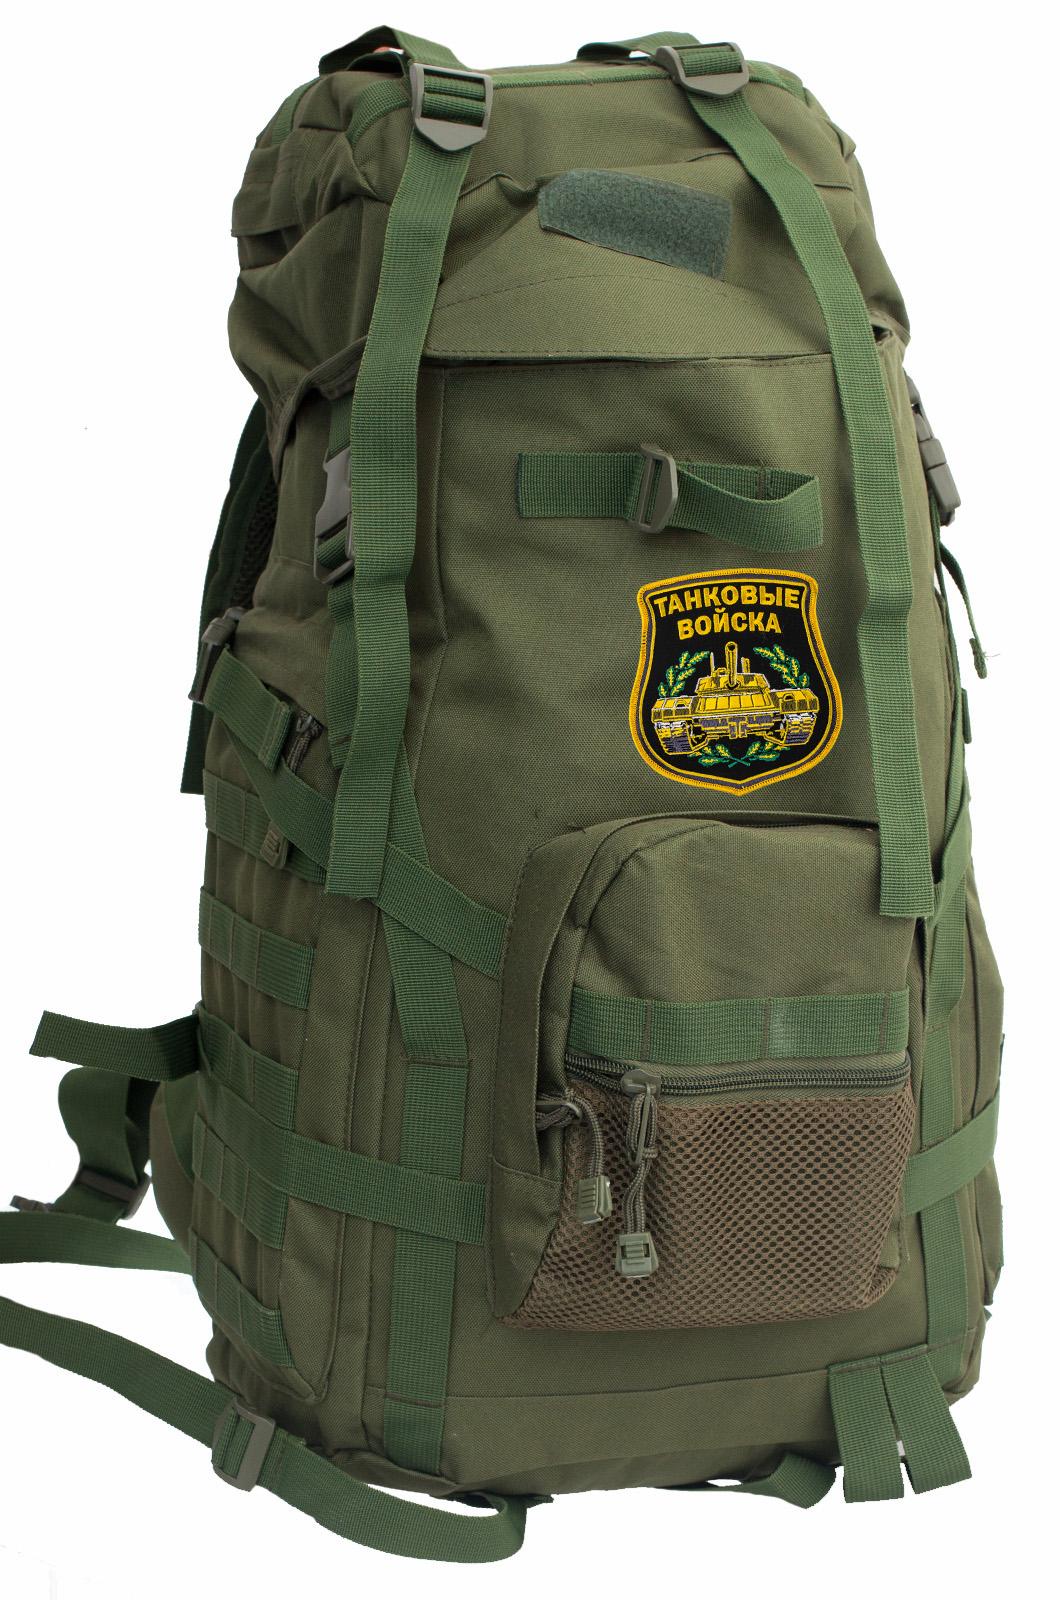 Армейский крутой рюкзак с нашивкой Танковые Войска - купить в подарок